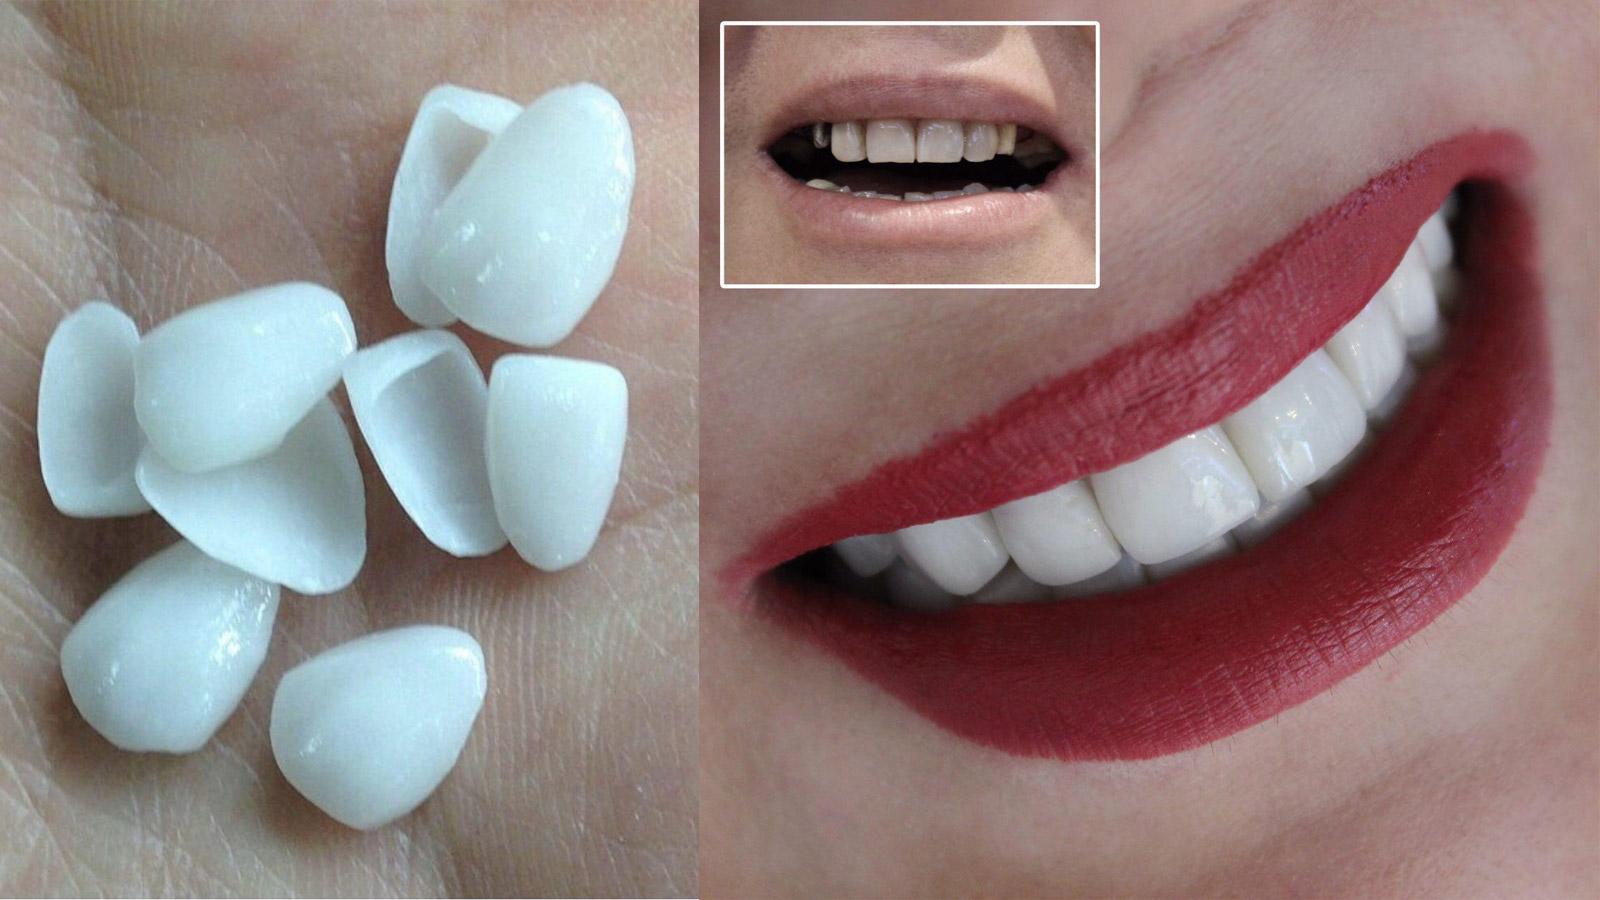 لمینت وروش های روکش دار کردن دندان